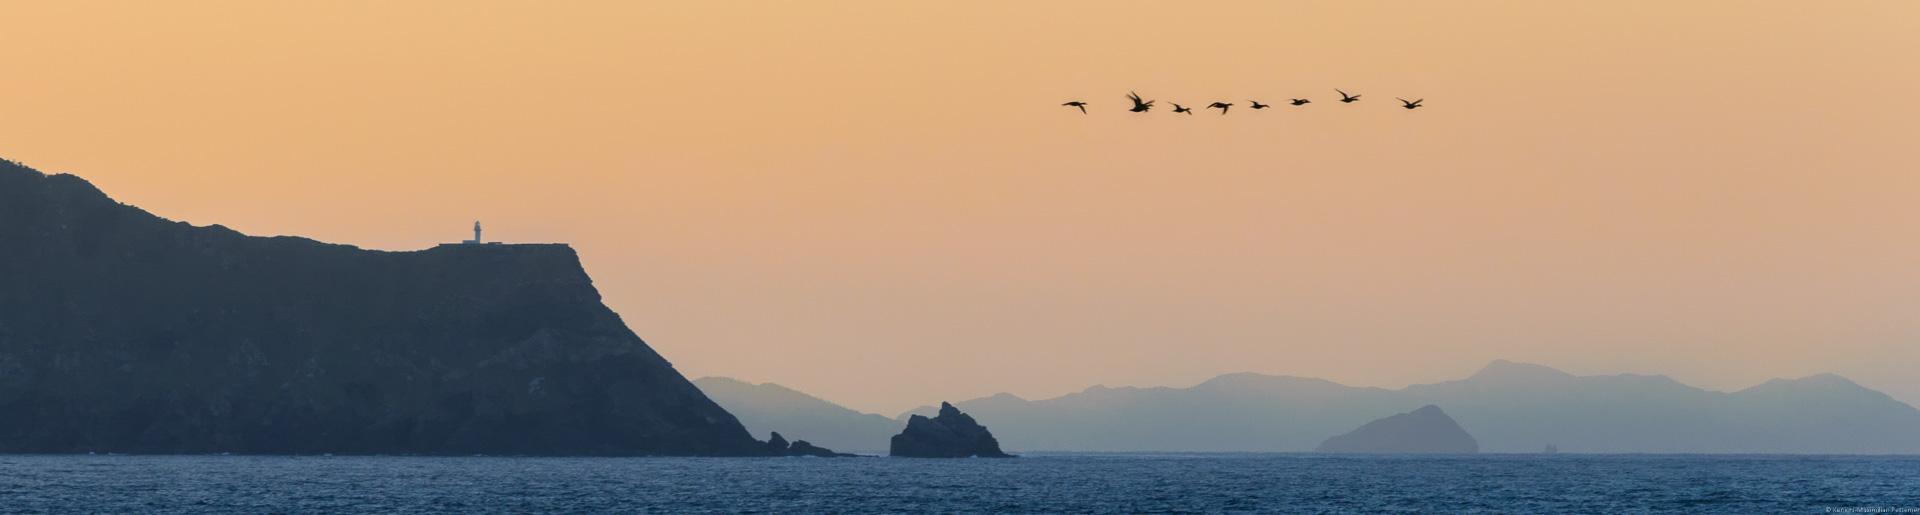 Küstenfelsen; Südjapan; Vögel; Flug; Sonnenaufgang; Titelbild von Richard Pestemers Wein-Haikus auf Vinaet